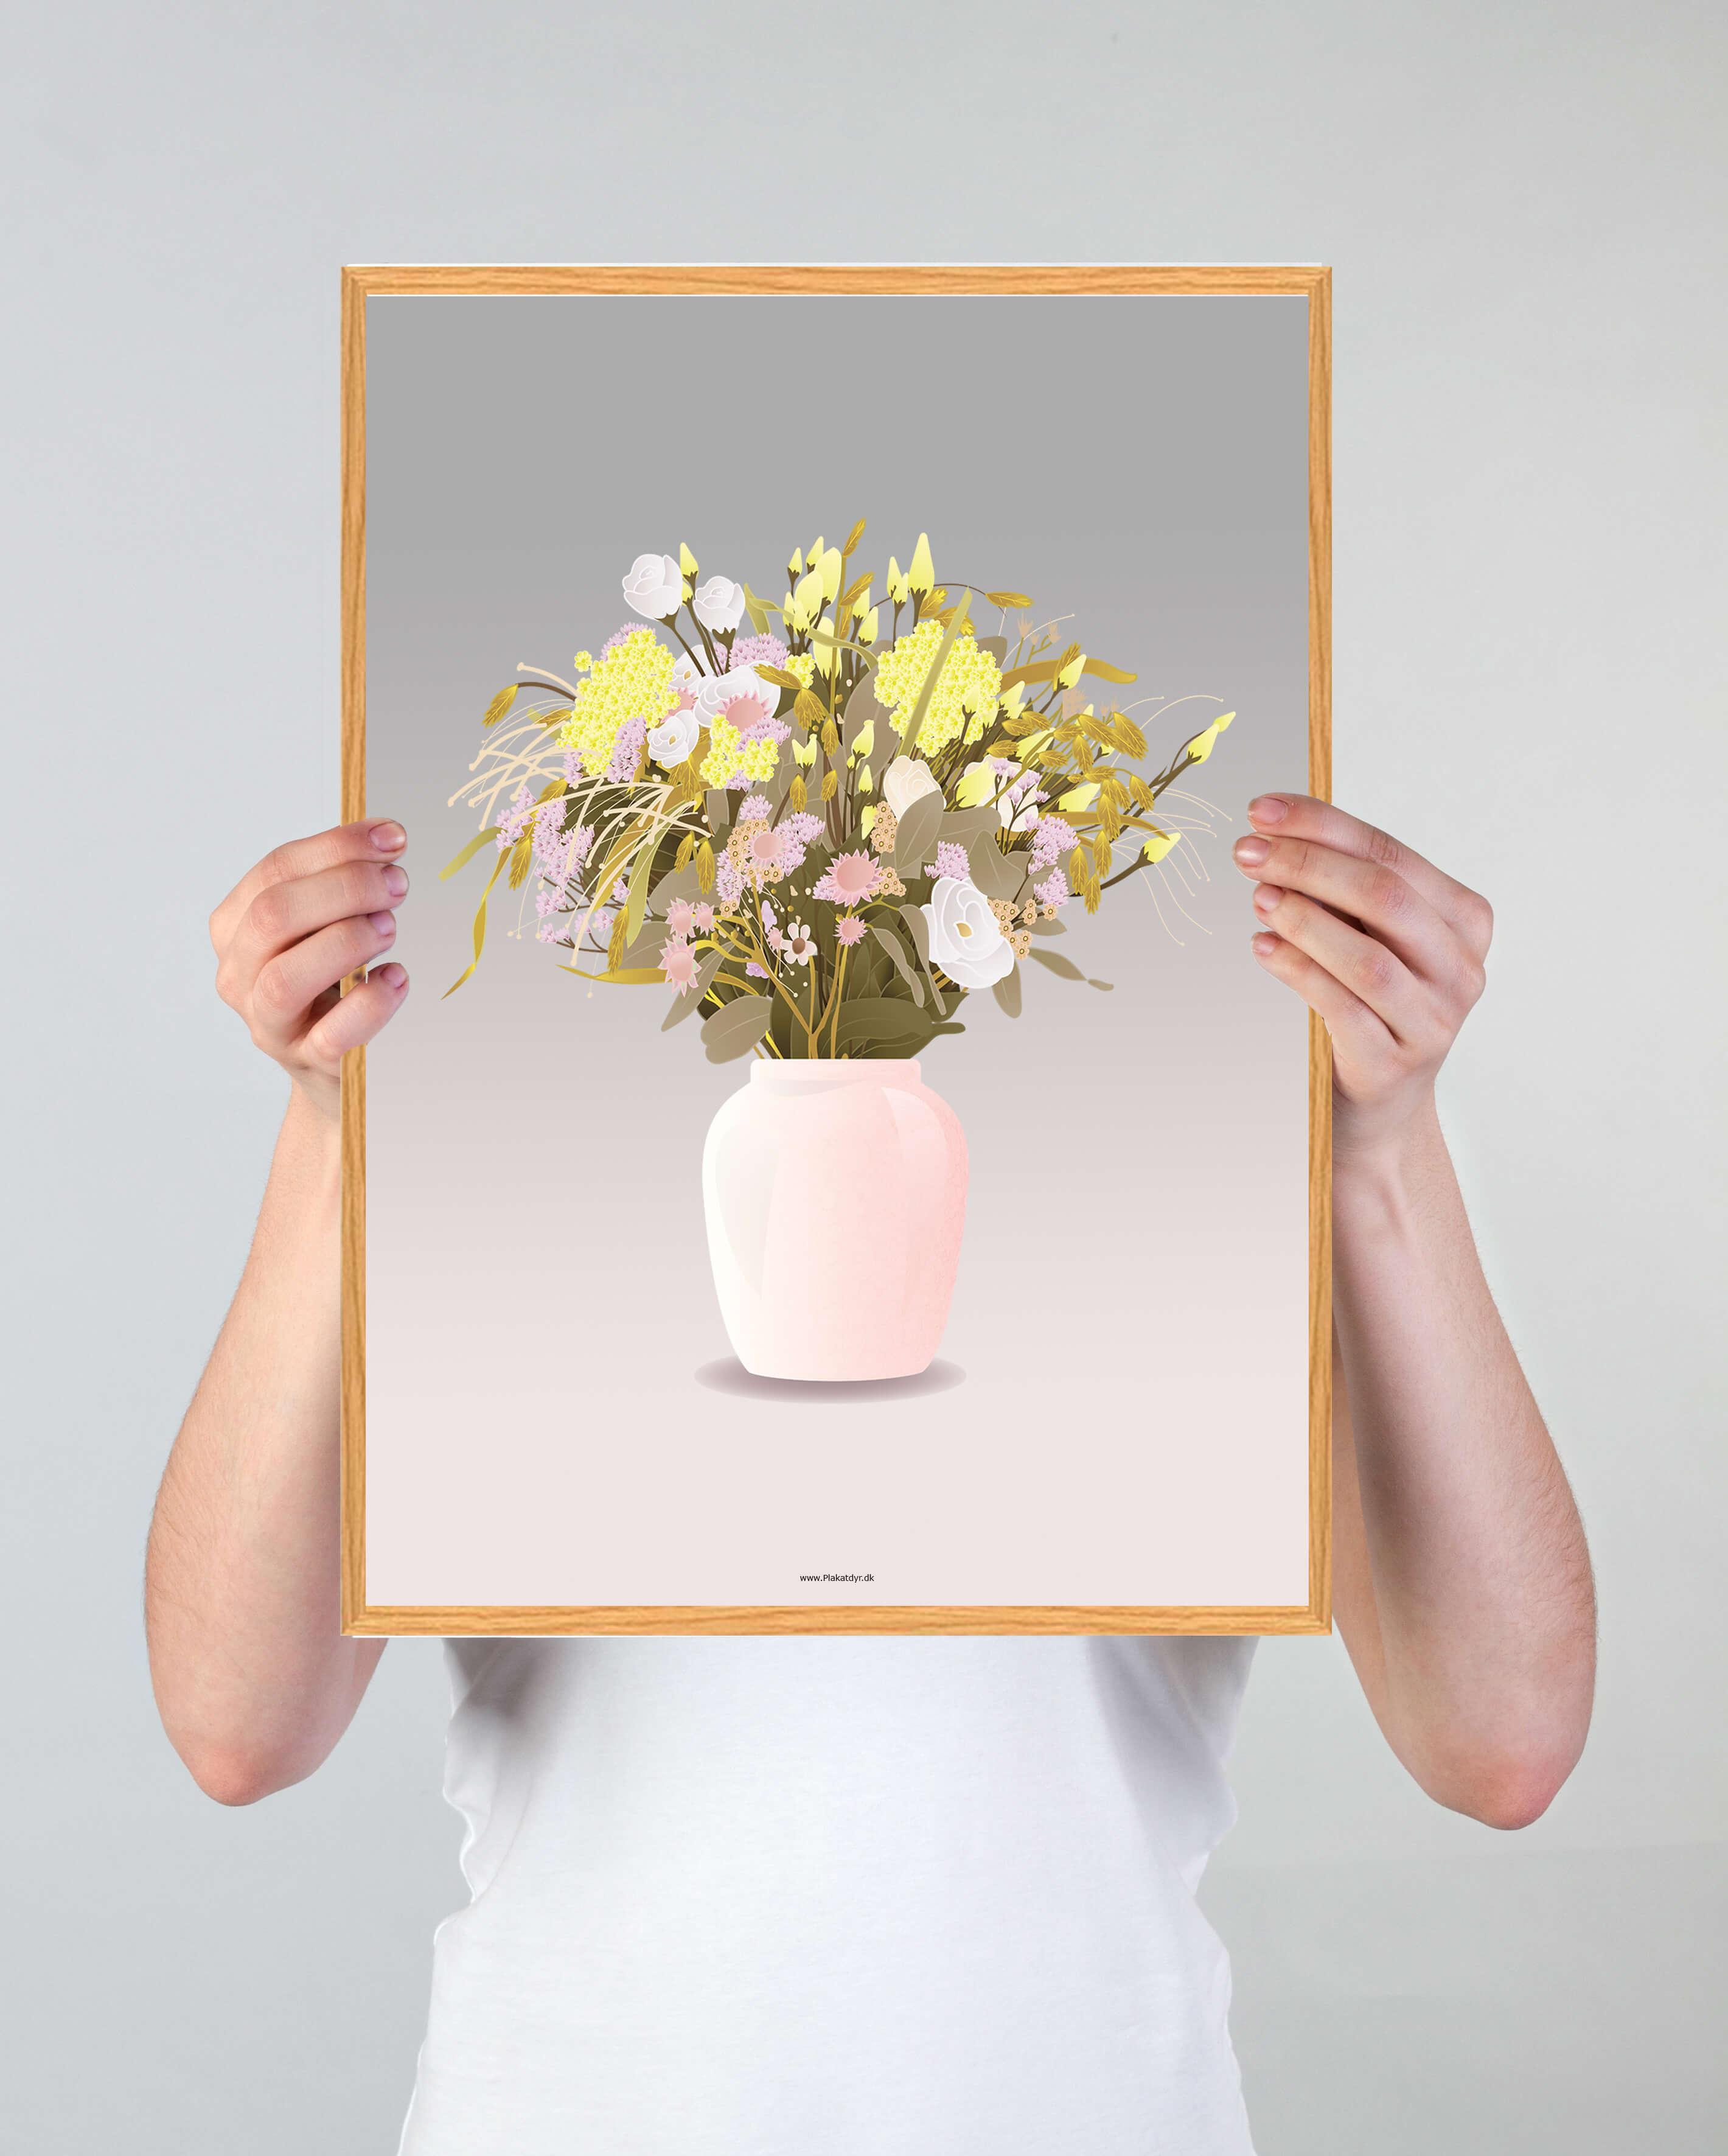 gul-smuk-blomst-3